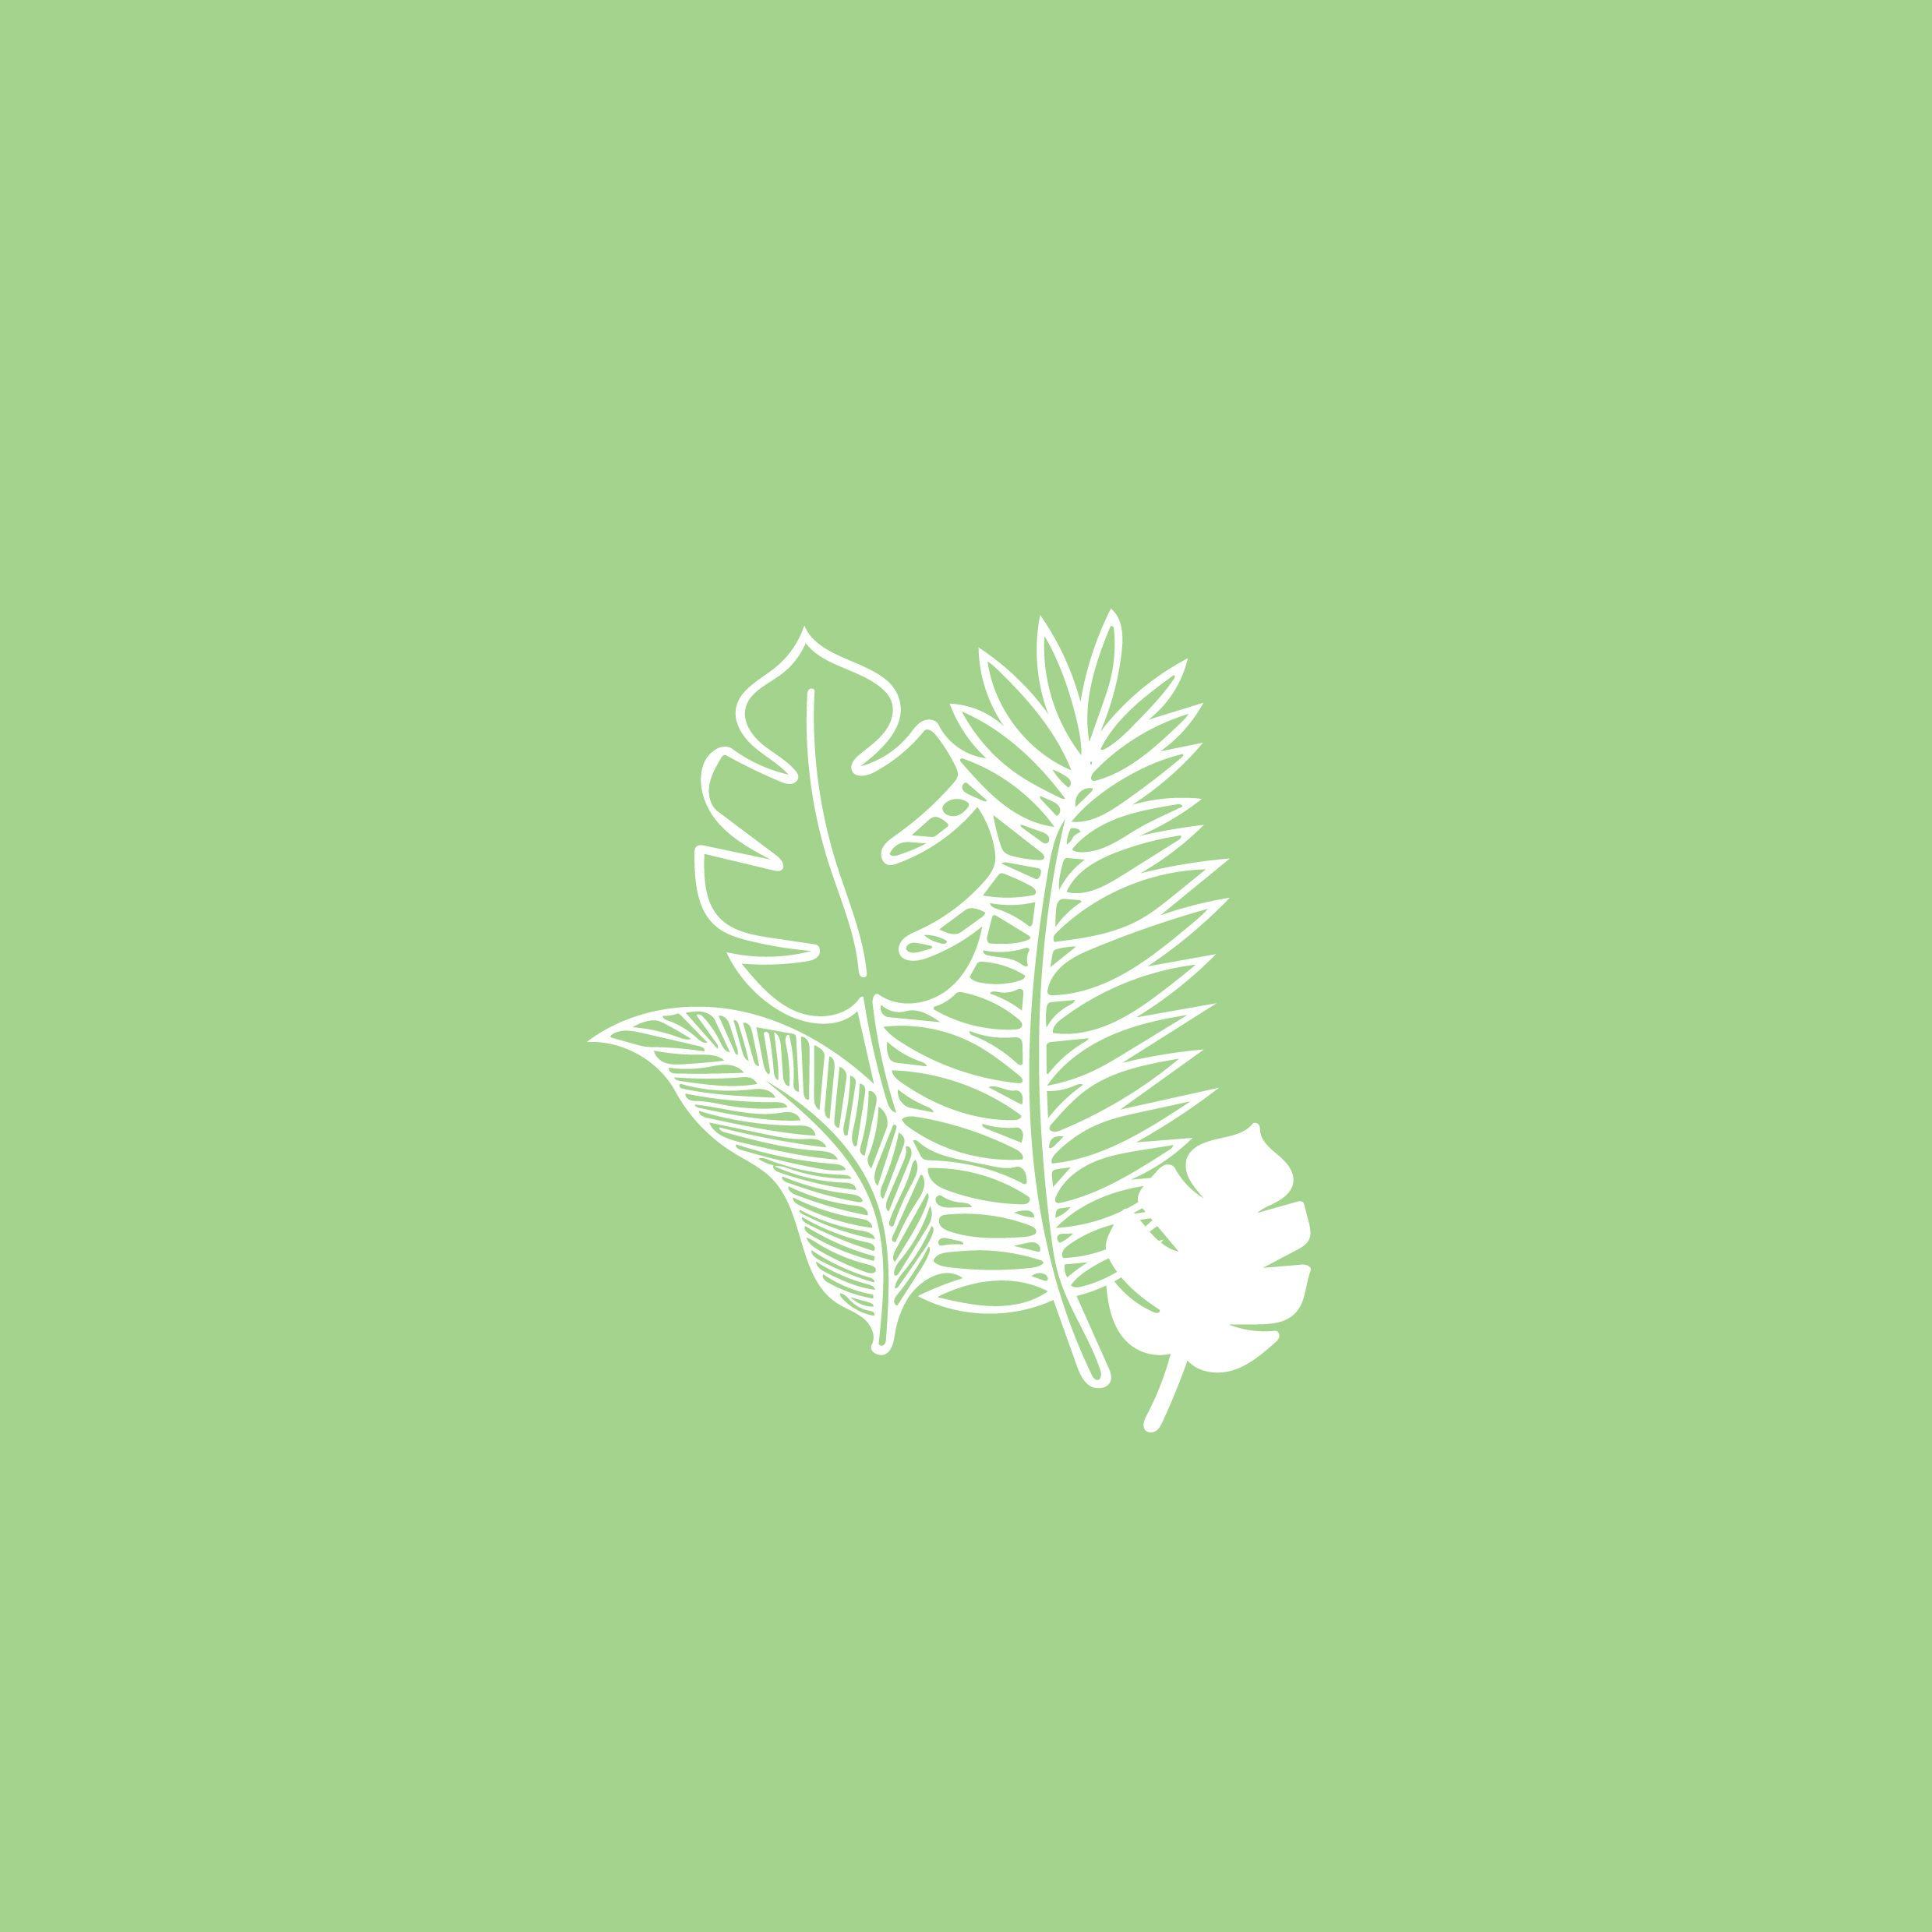 Leaves. credit Logo design